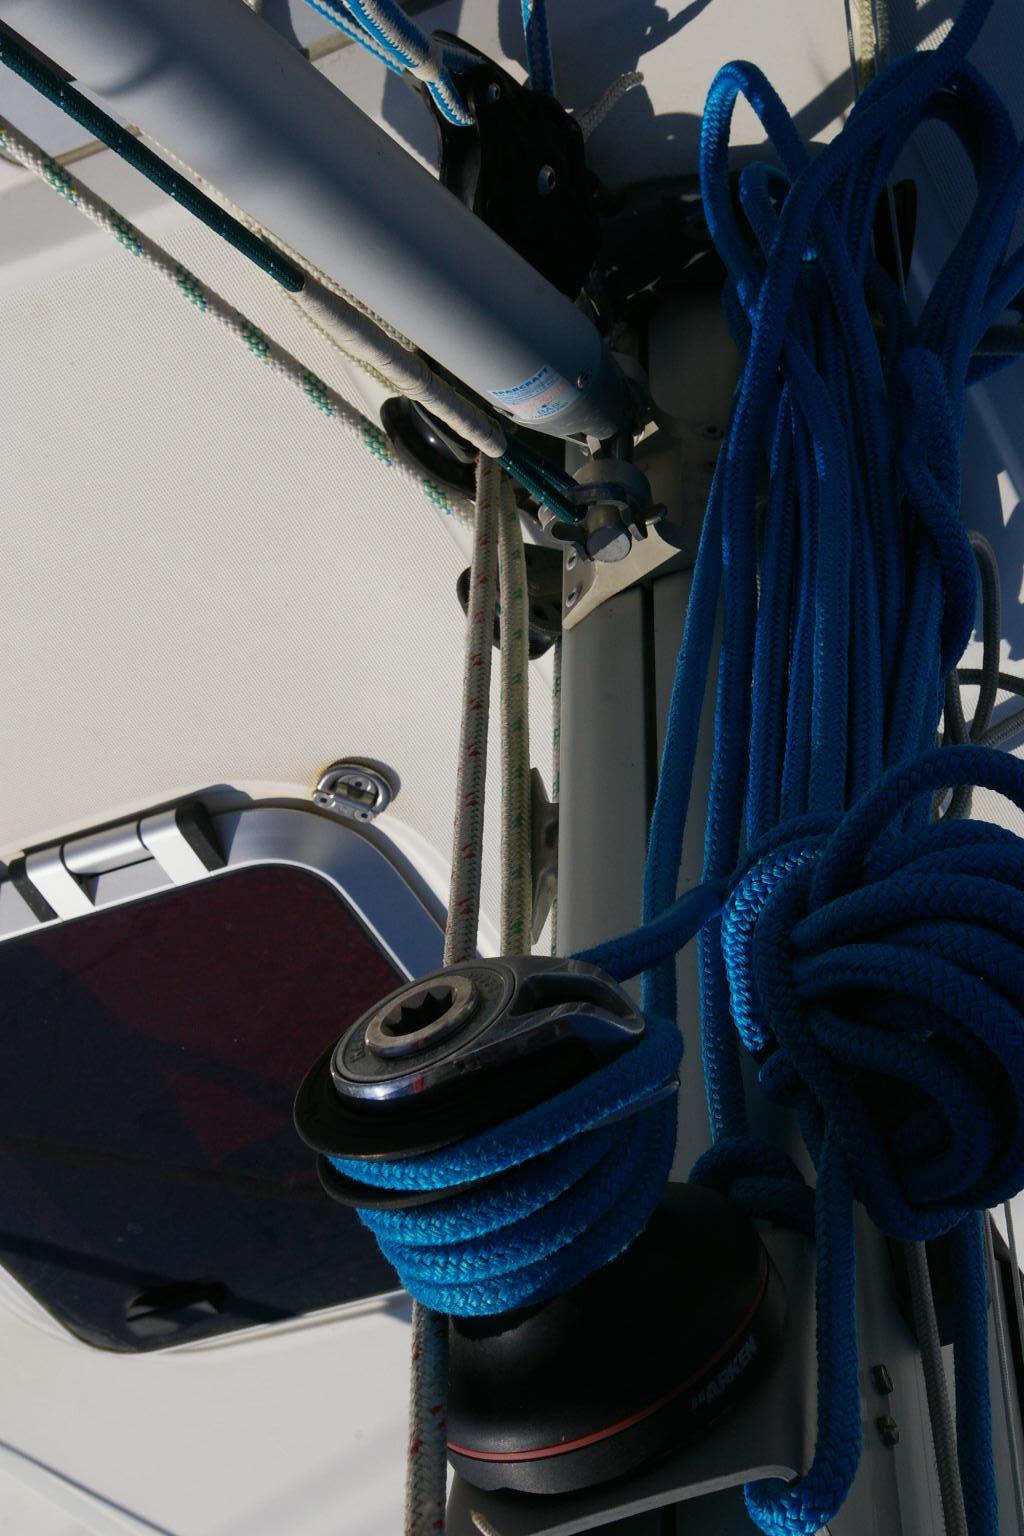 Vente et pose d'équipements - atout nautisme - chantier naval lorient